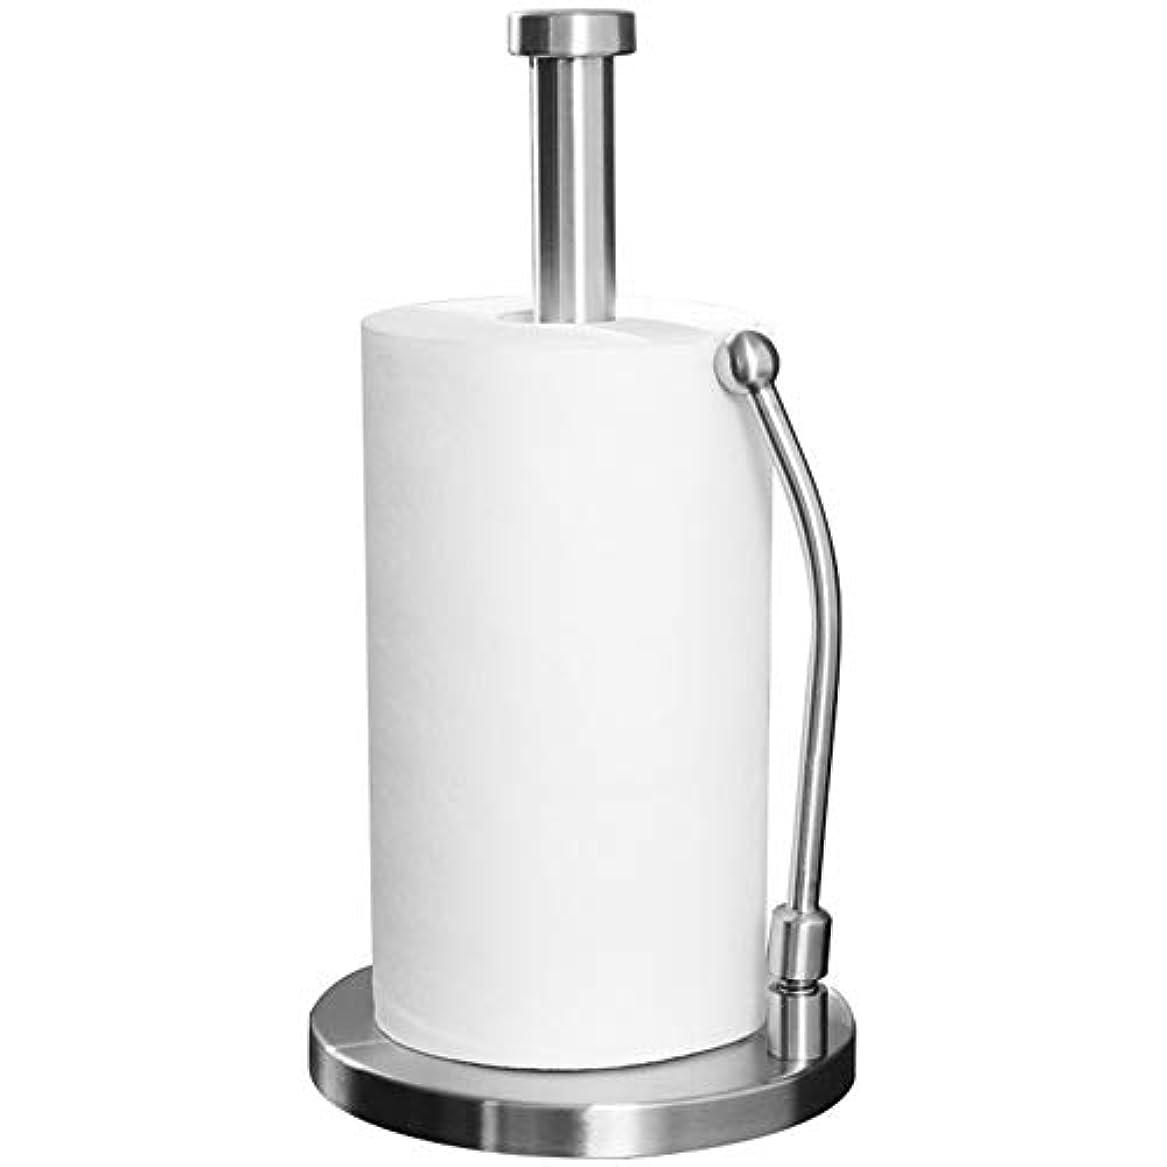 提案する適応する落胆したZZLX 紙タオルホルダー、ステンレス鋼プラスボールドダブルポールキッチン垂直ロールホルダー紙タオルホルダー ロングハンドル風呂ブラシ